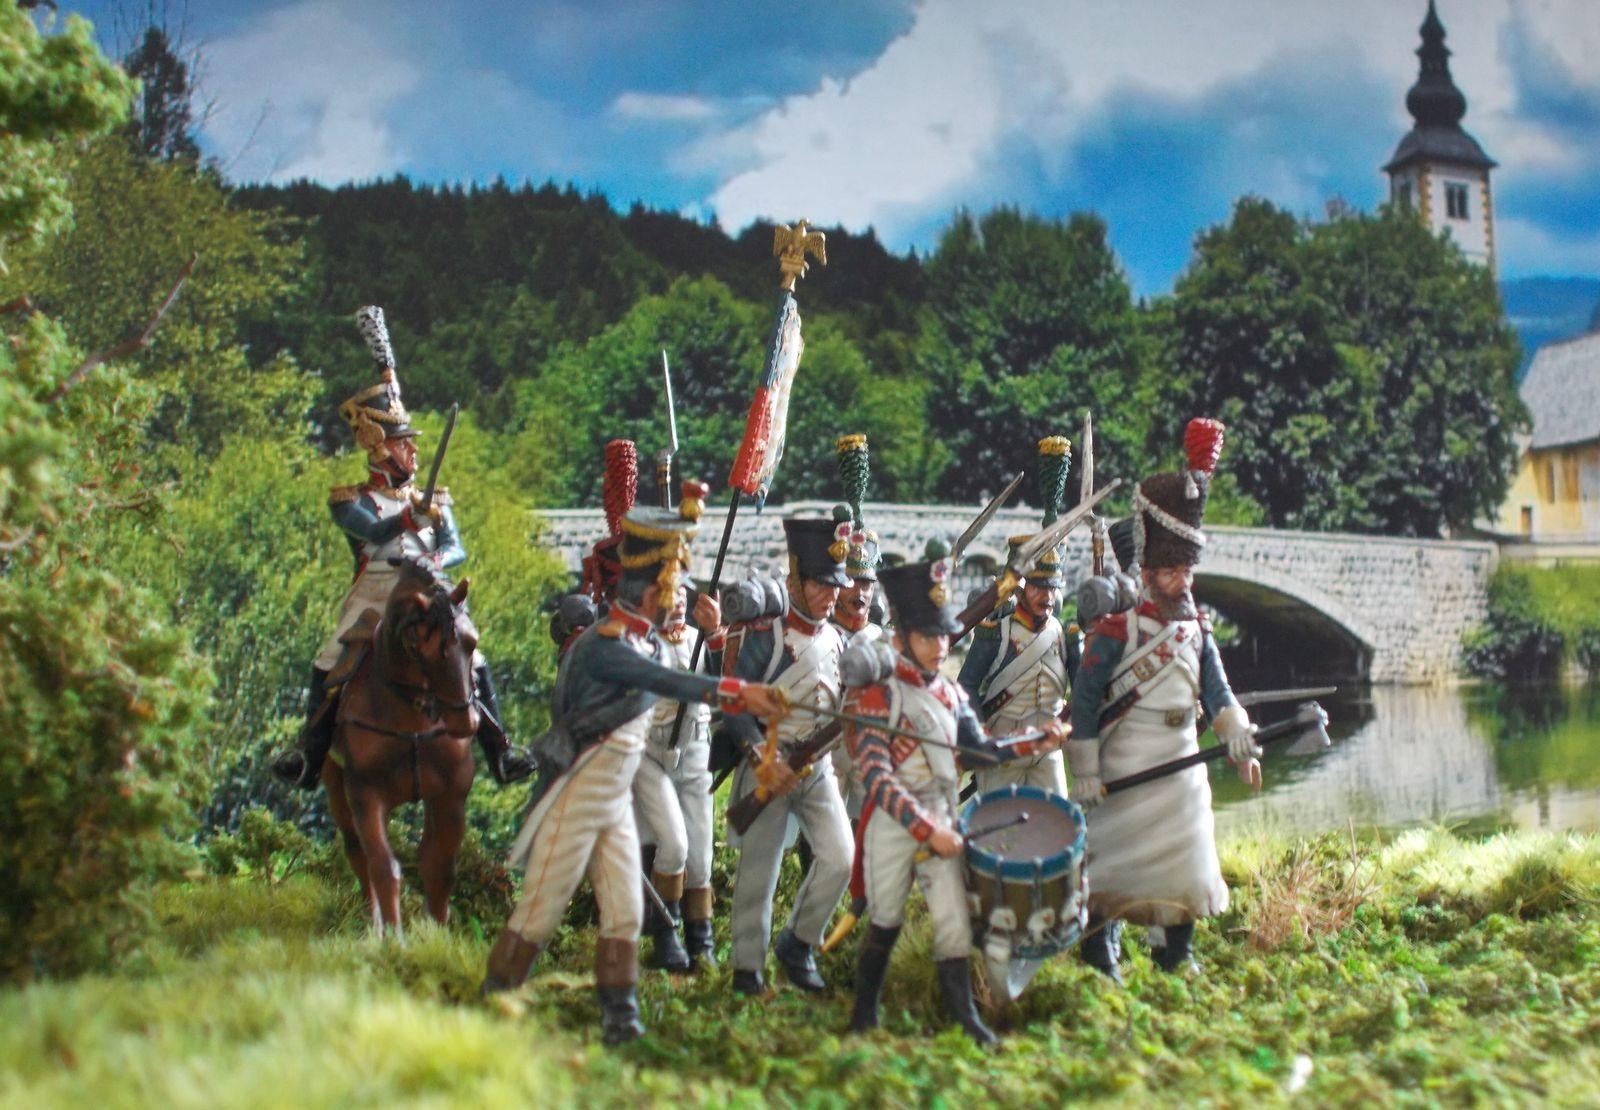 Le 19 août 1813 : sur la rive de la Boder (rivière)